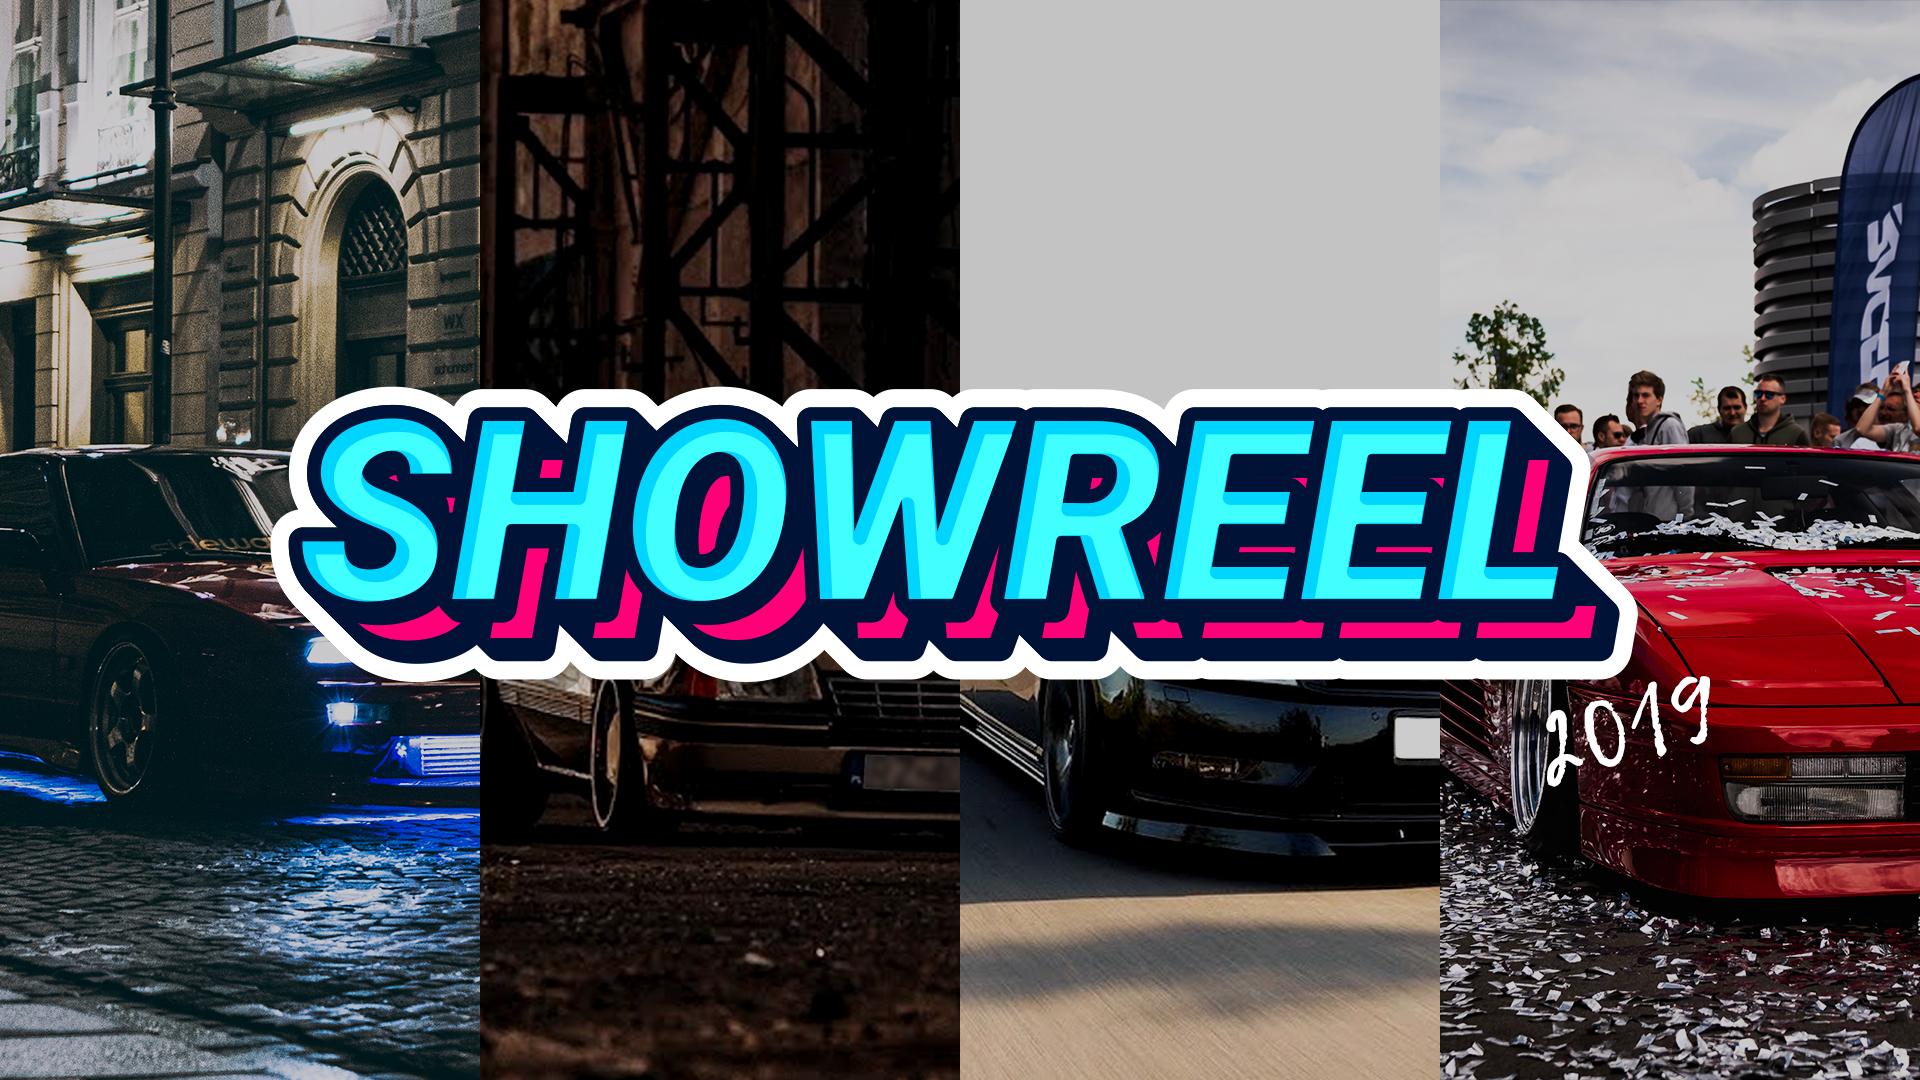 NO NAME MEDIA showreel 2019